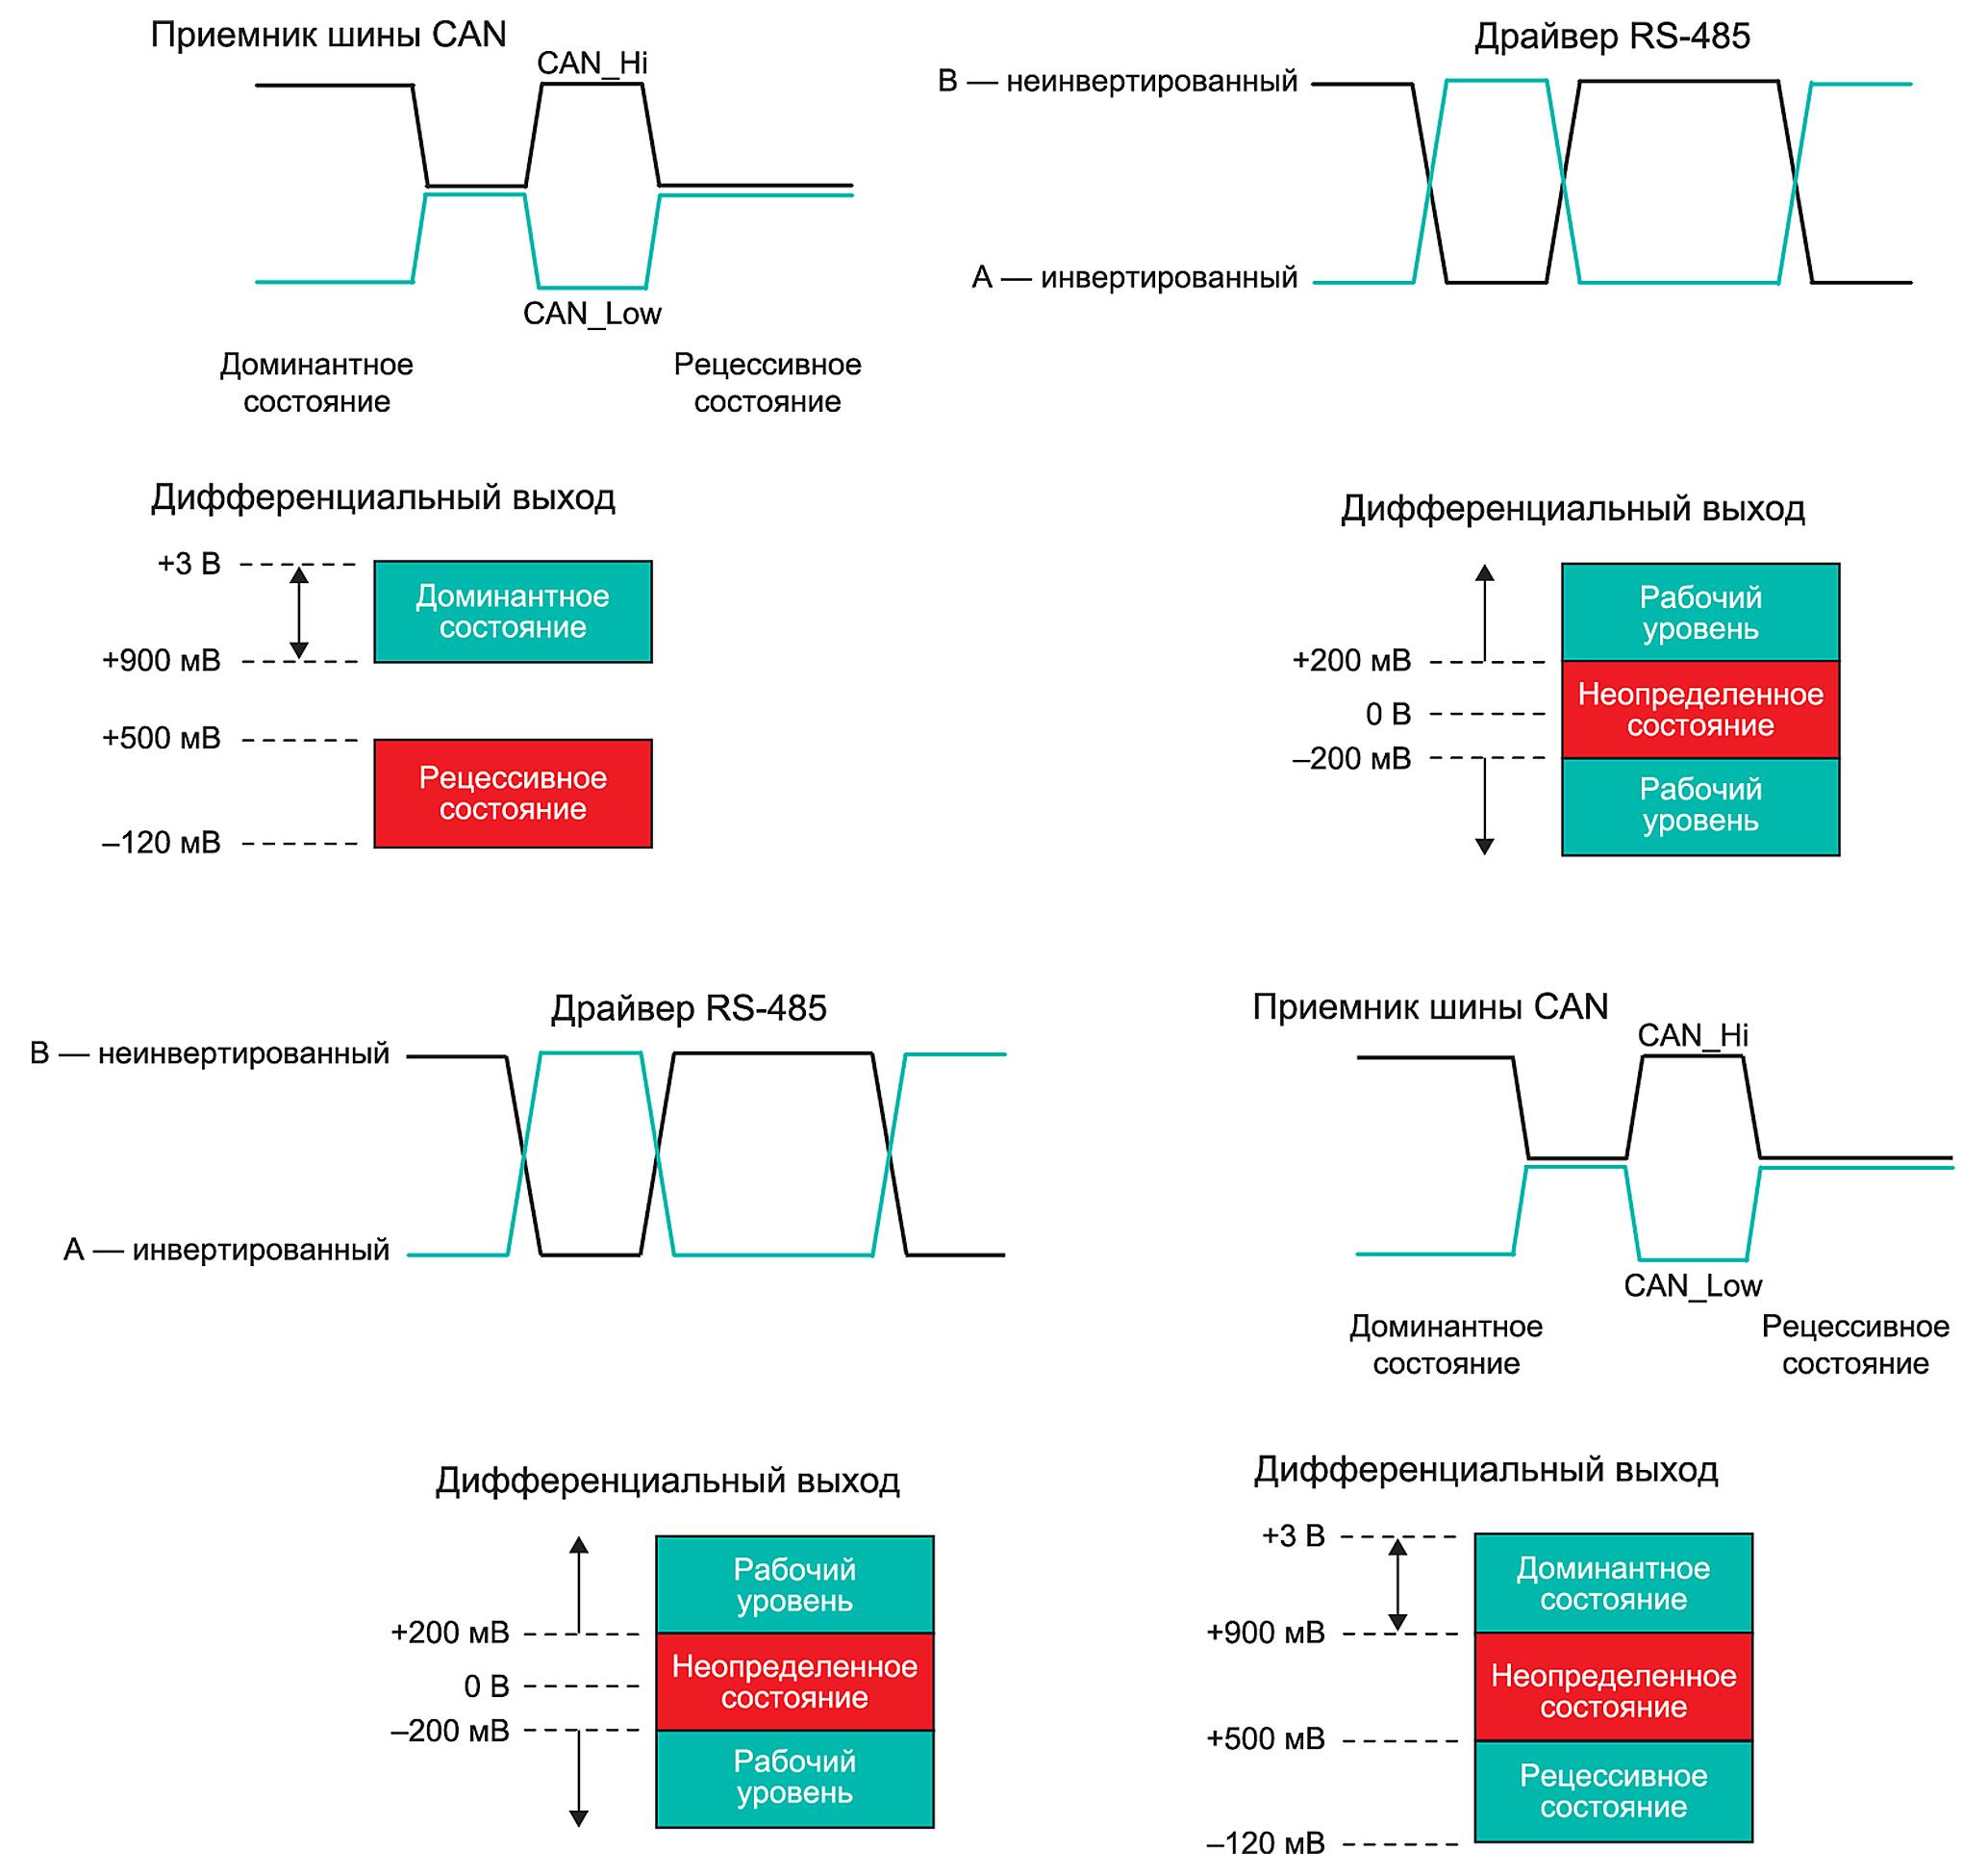 Сравнение допустимых уровней входных дифференциальных сигналов для RS 485 и CAN со стороны приемника